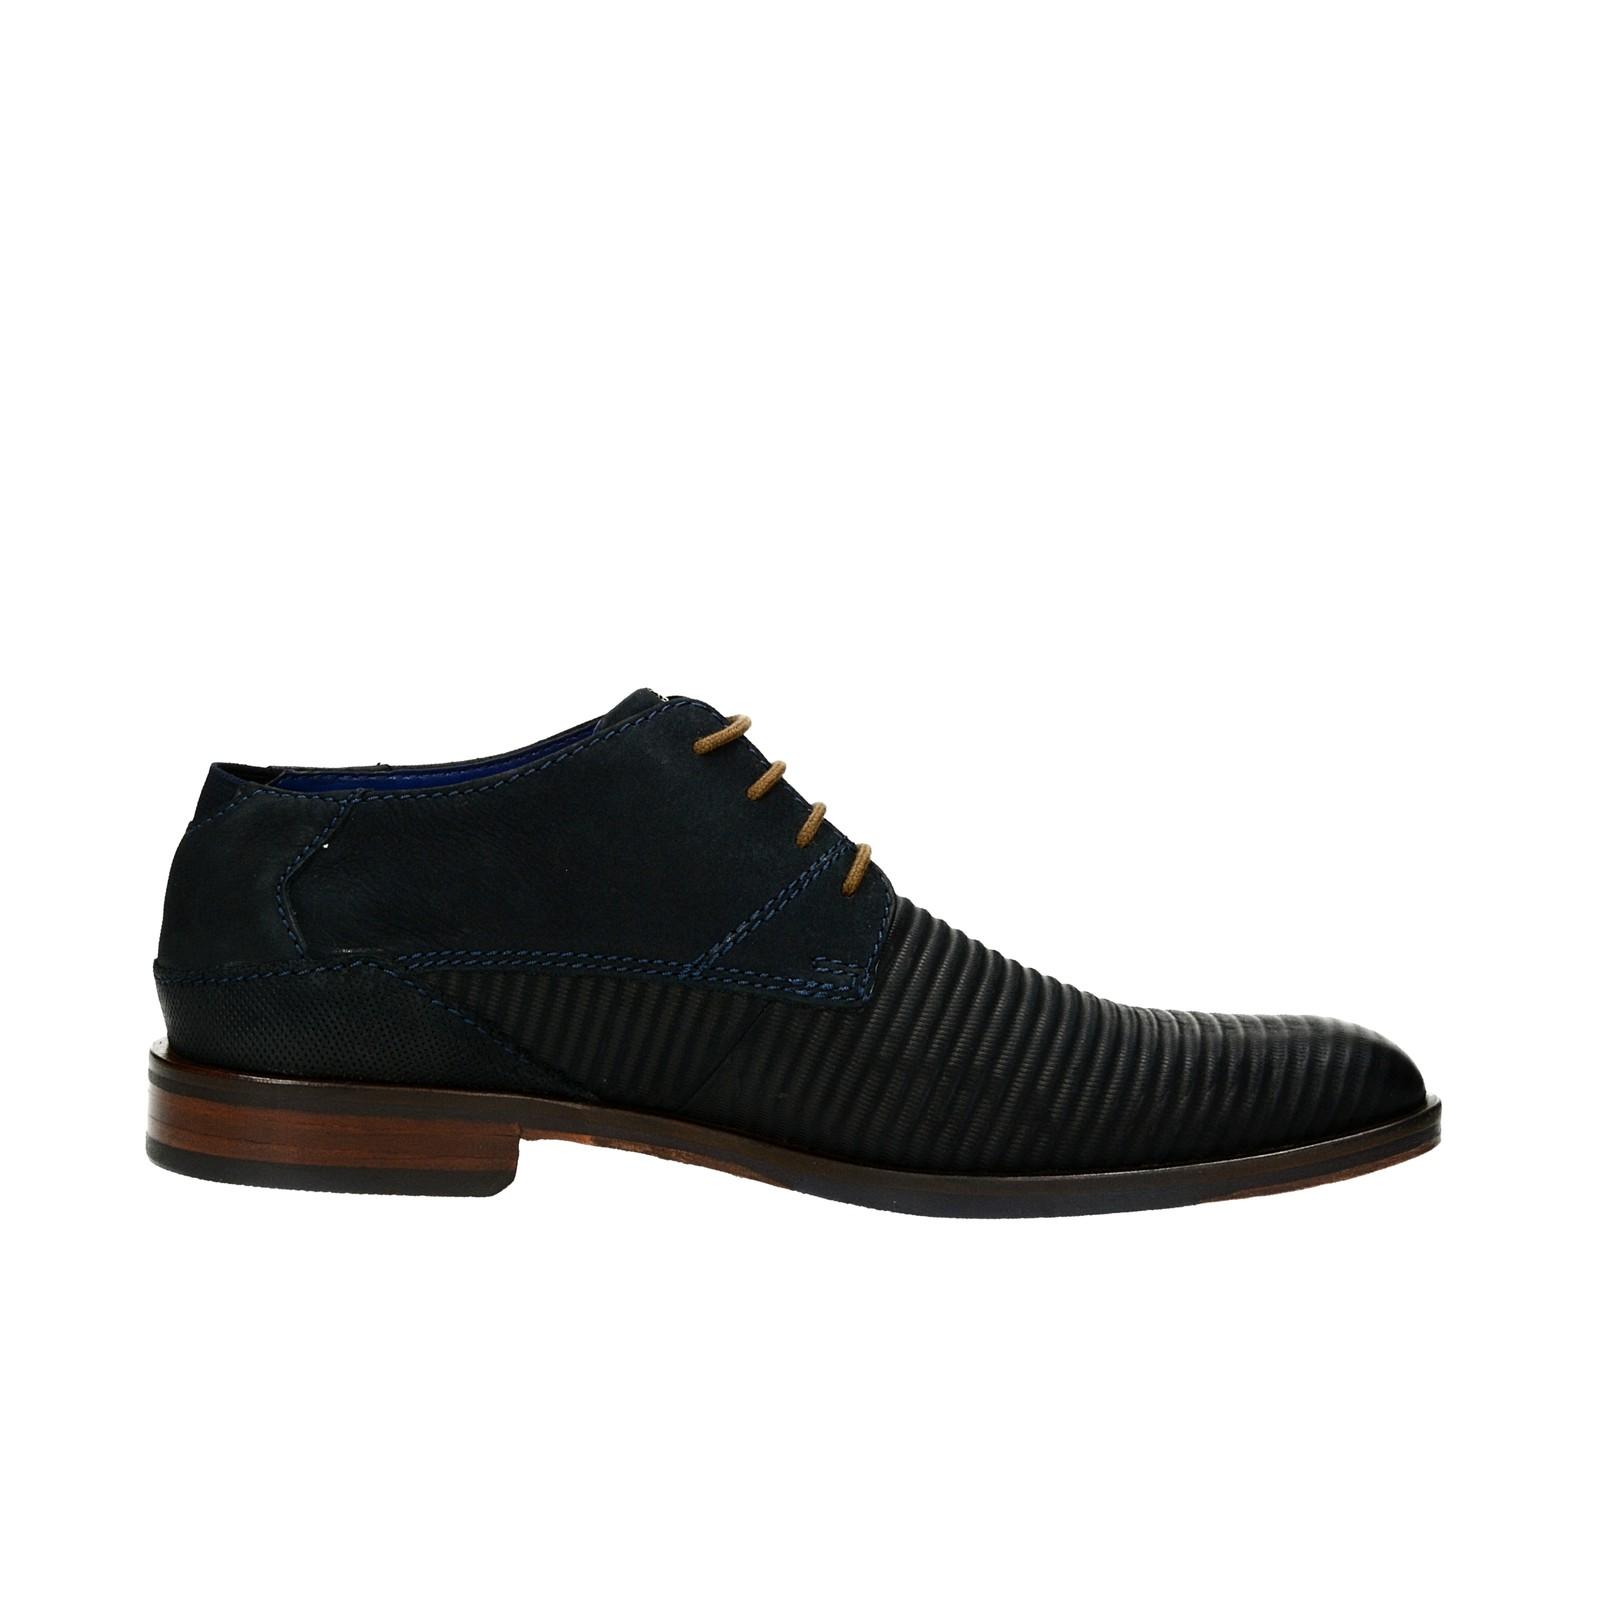 Bugatti pánske kožené spoločenské topánky - tmavomodré